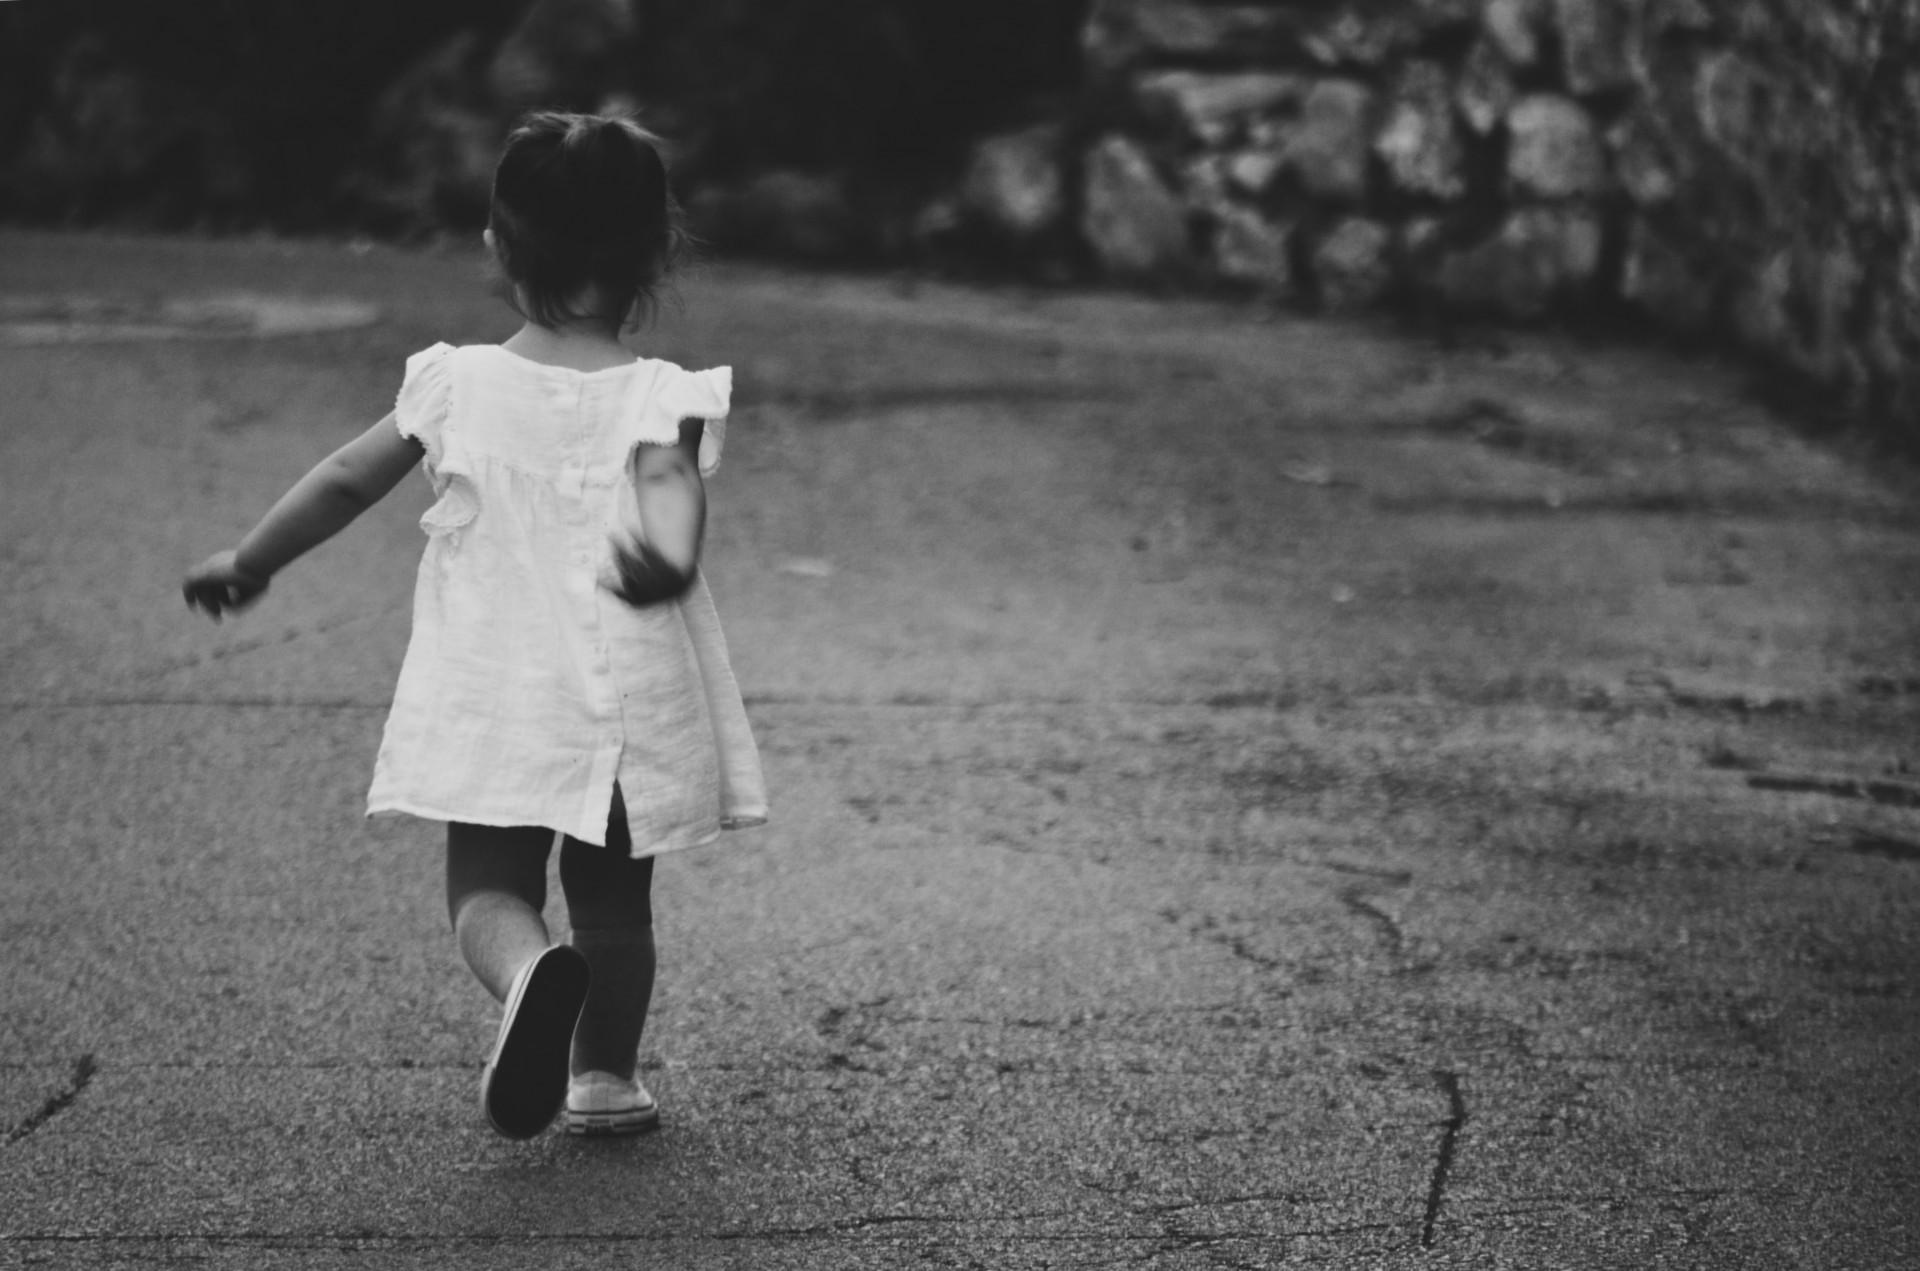 Com o tempo, podemos não medir esforços para atender às expectativas dos pais, professores, amigos